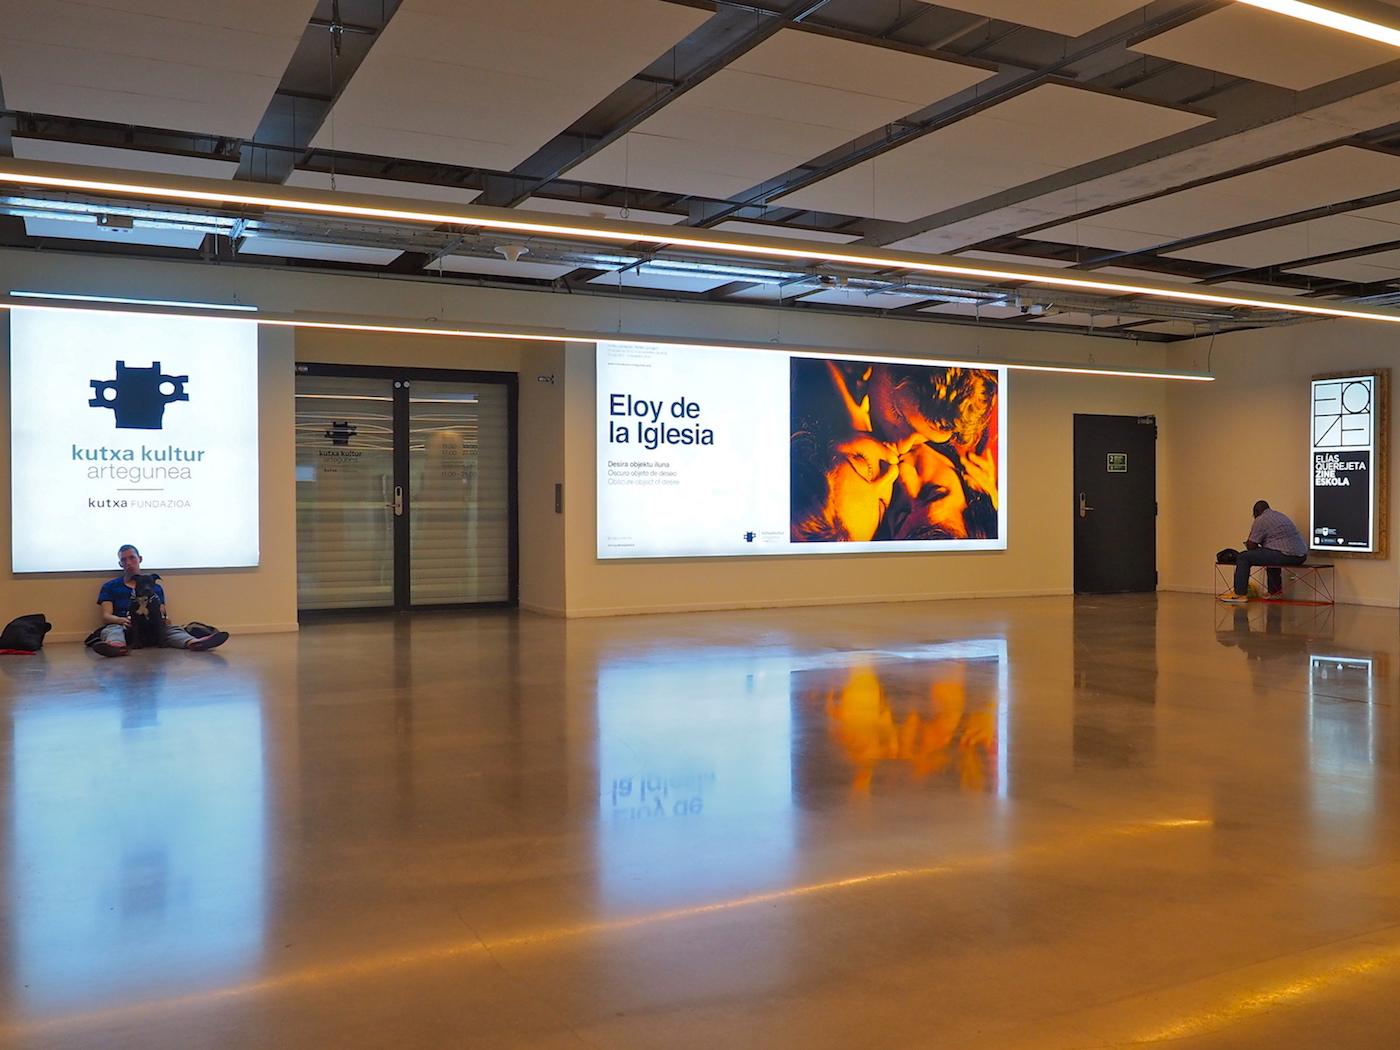 Offen für alle.. Mindestens zwölf Stunden am Tag ist das Gebäude zugänglich. Geduldet wird auch, wer sonst keinen Ort hat. Kutxa Kultur, eine Stiftung der Sparkassen, startet sein Angebot ganz unten mit Ausstellungsräumen.